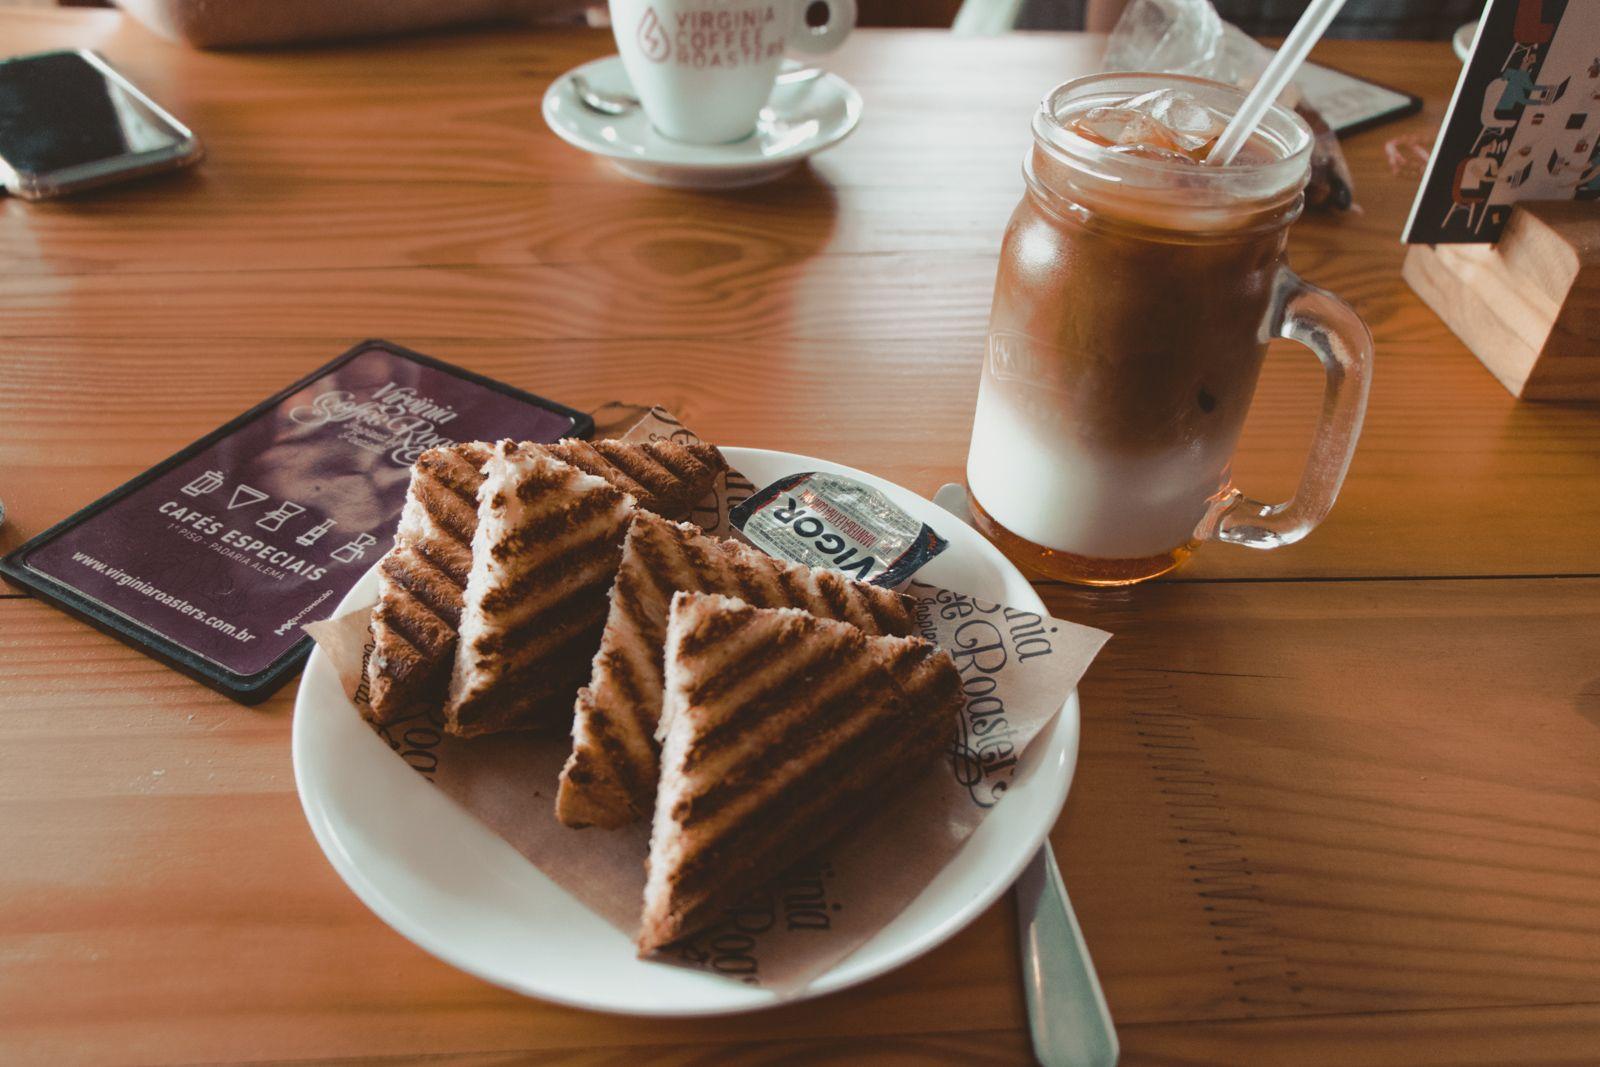 Virginia Coffee Roasters | Campinas - SP café da manhã